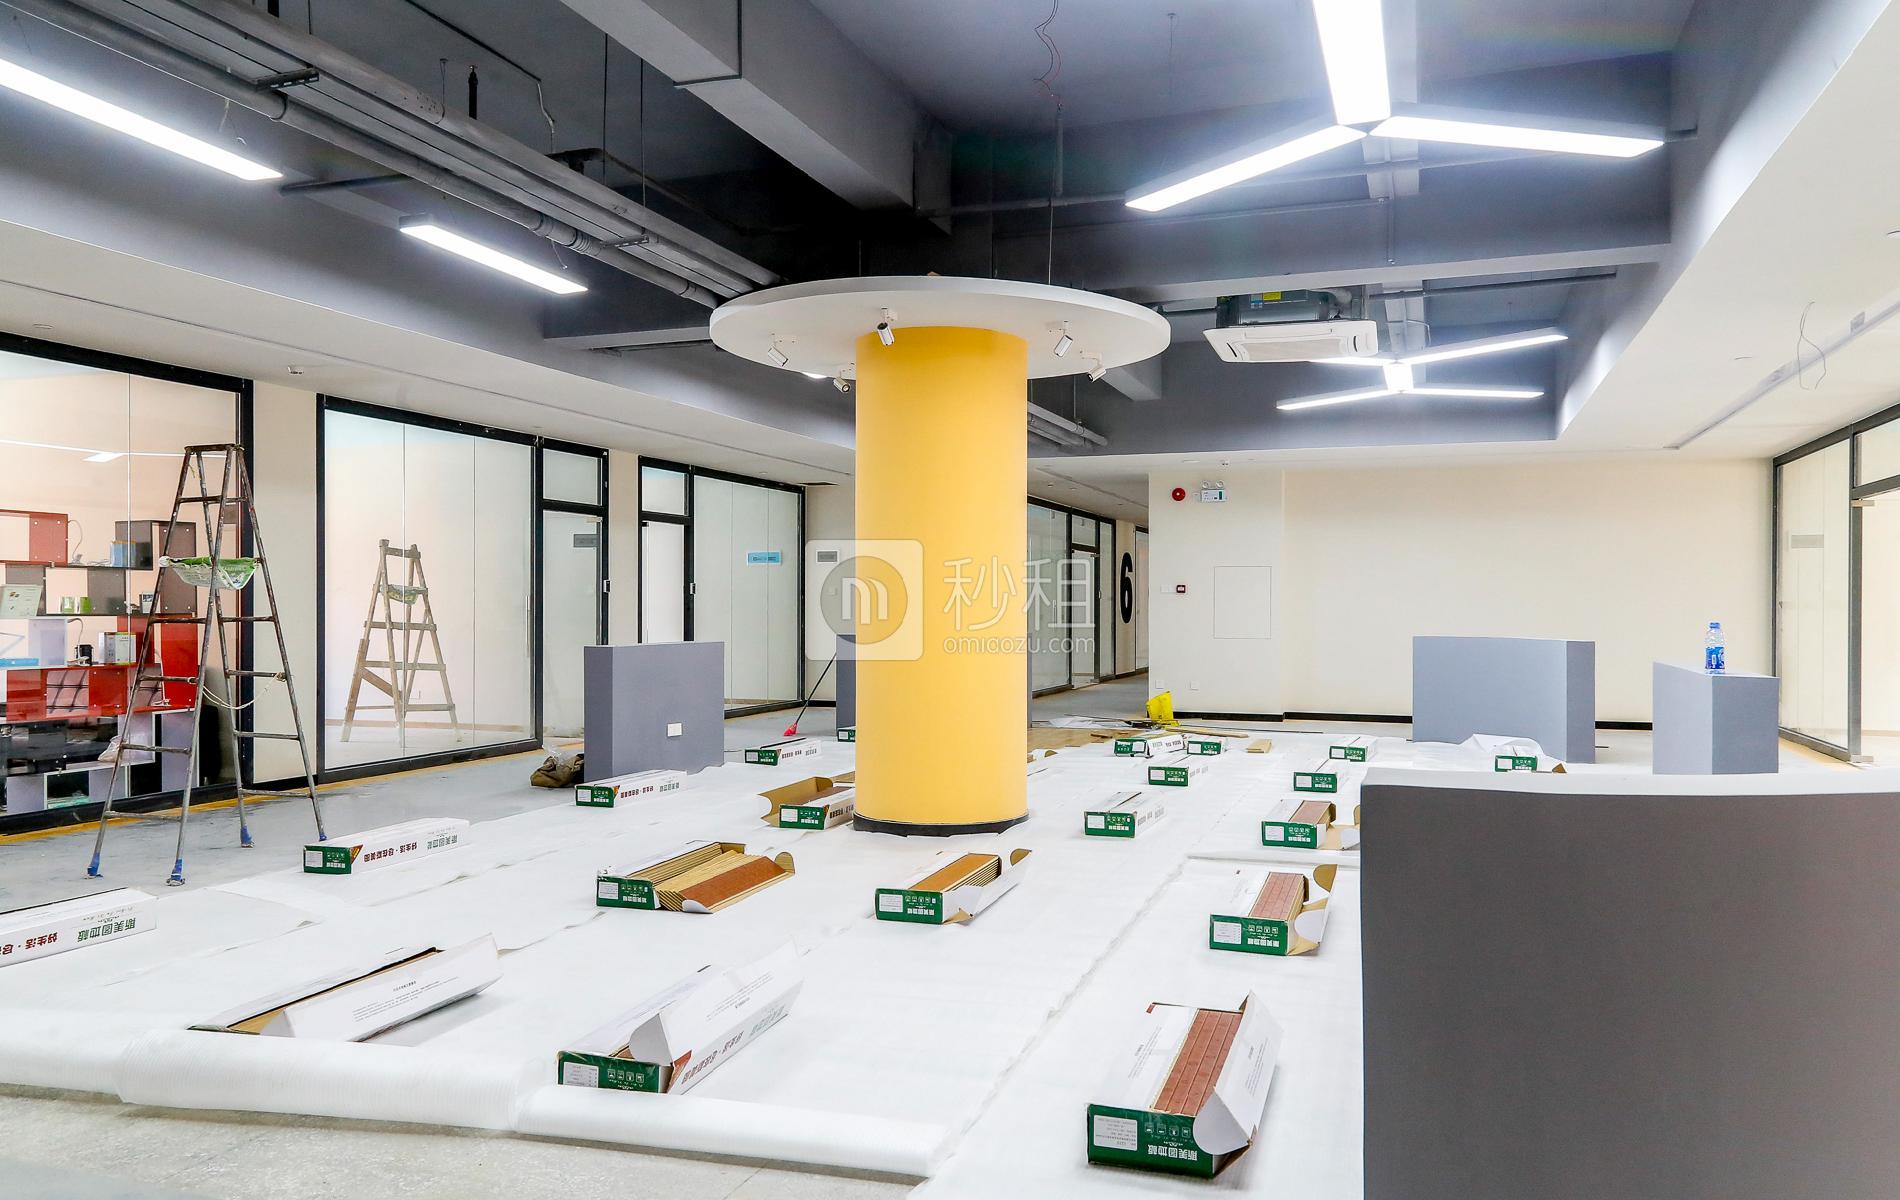 潮loft创意产业园写字楼出租/招租/租赁,潮loft创意产业园办公室出租/招租/租赁